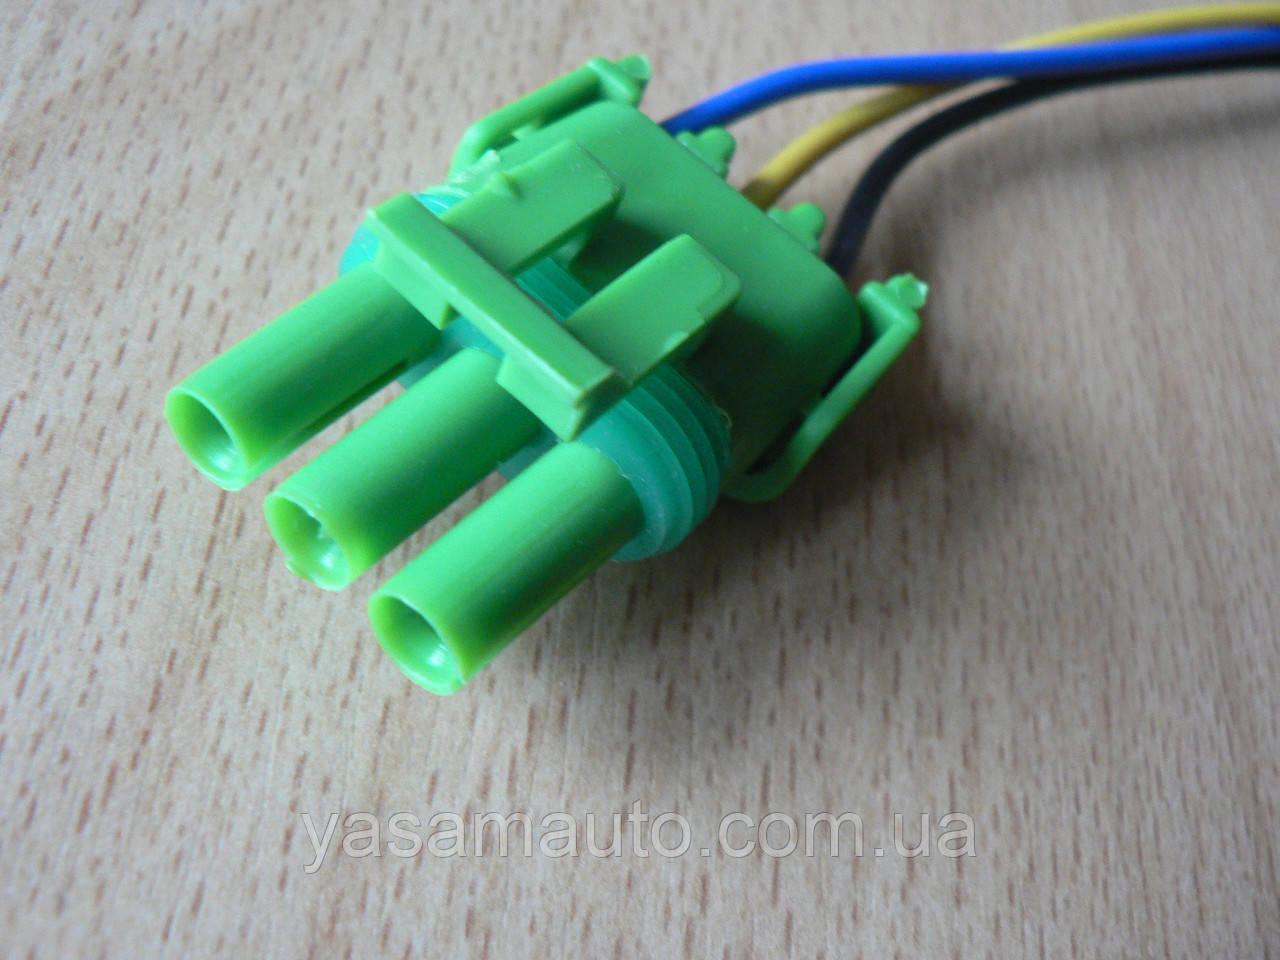 Колодка Lanos роз'єм проводки Ланос №20 датчика абсолютного тиску на 3 контакту з проводами зелена